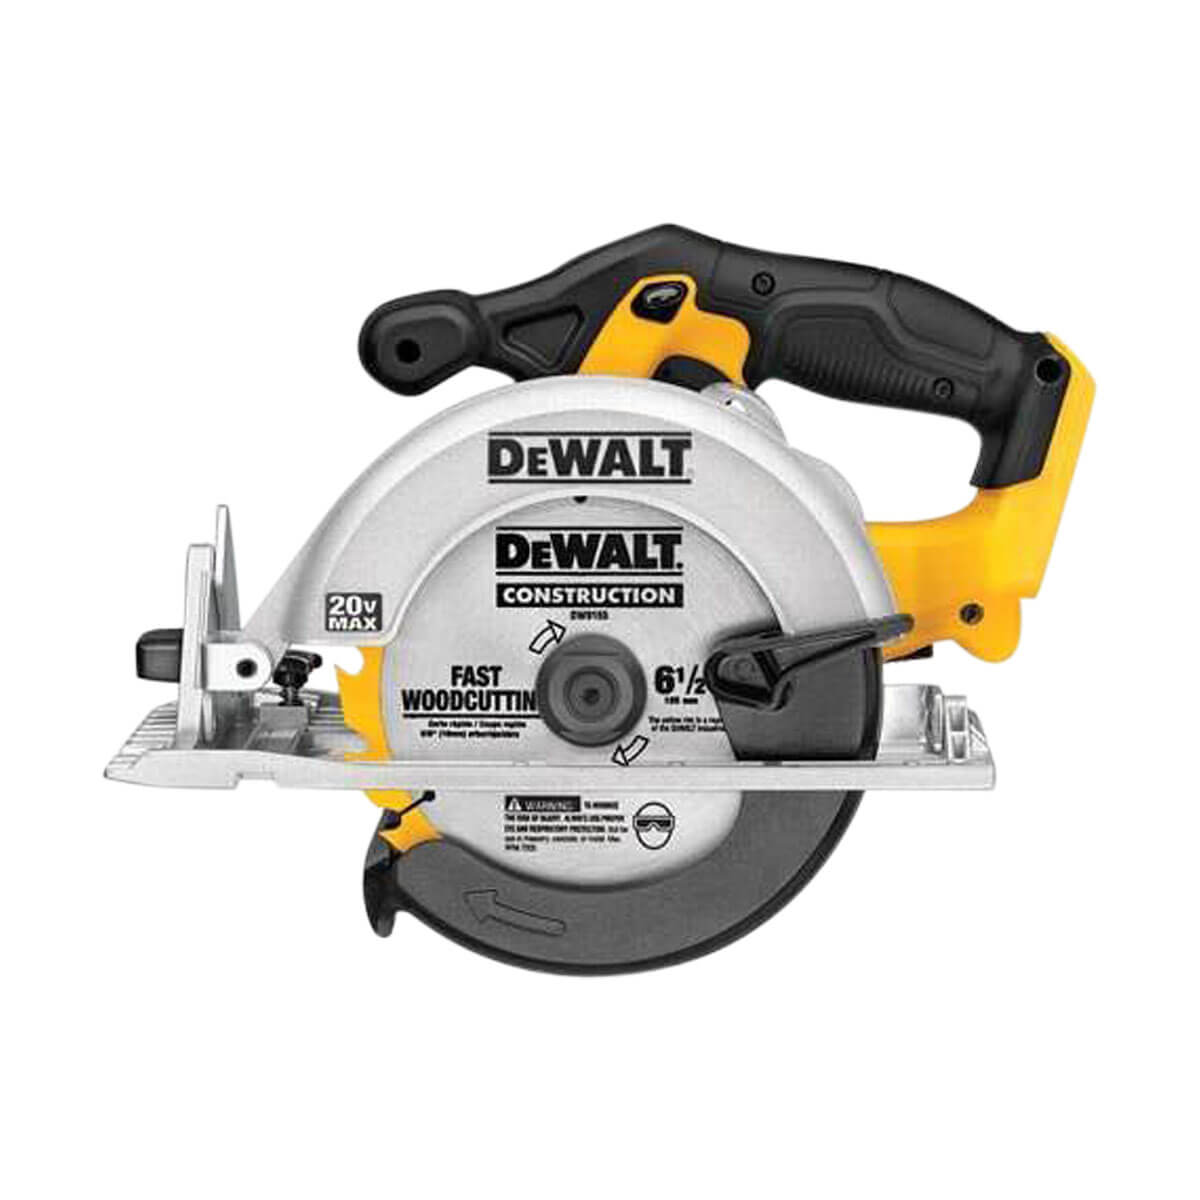 """DEWALT Circular Saw 6-1/2"""" 20V Max (Tool Only)  - DCS391B"""